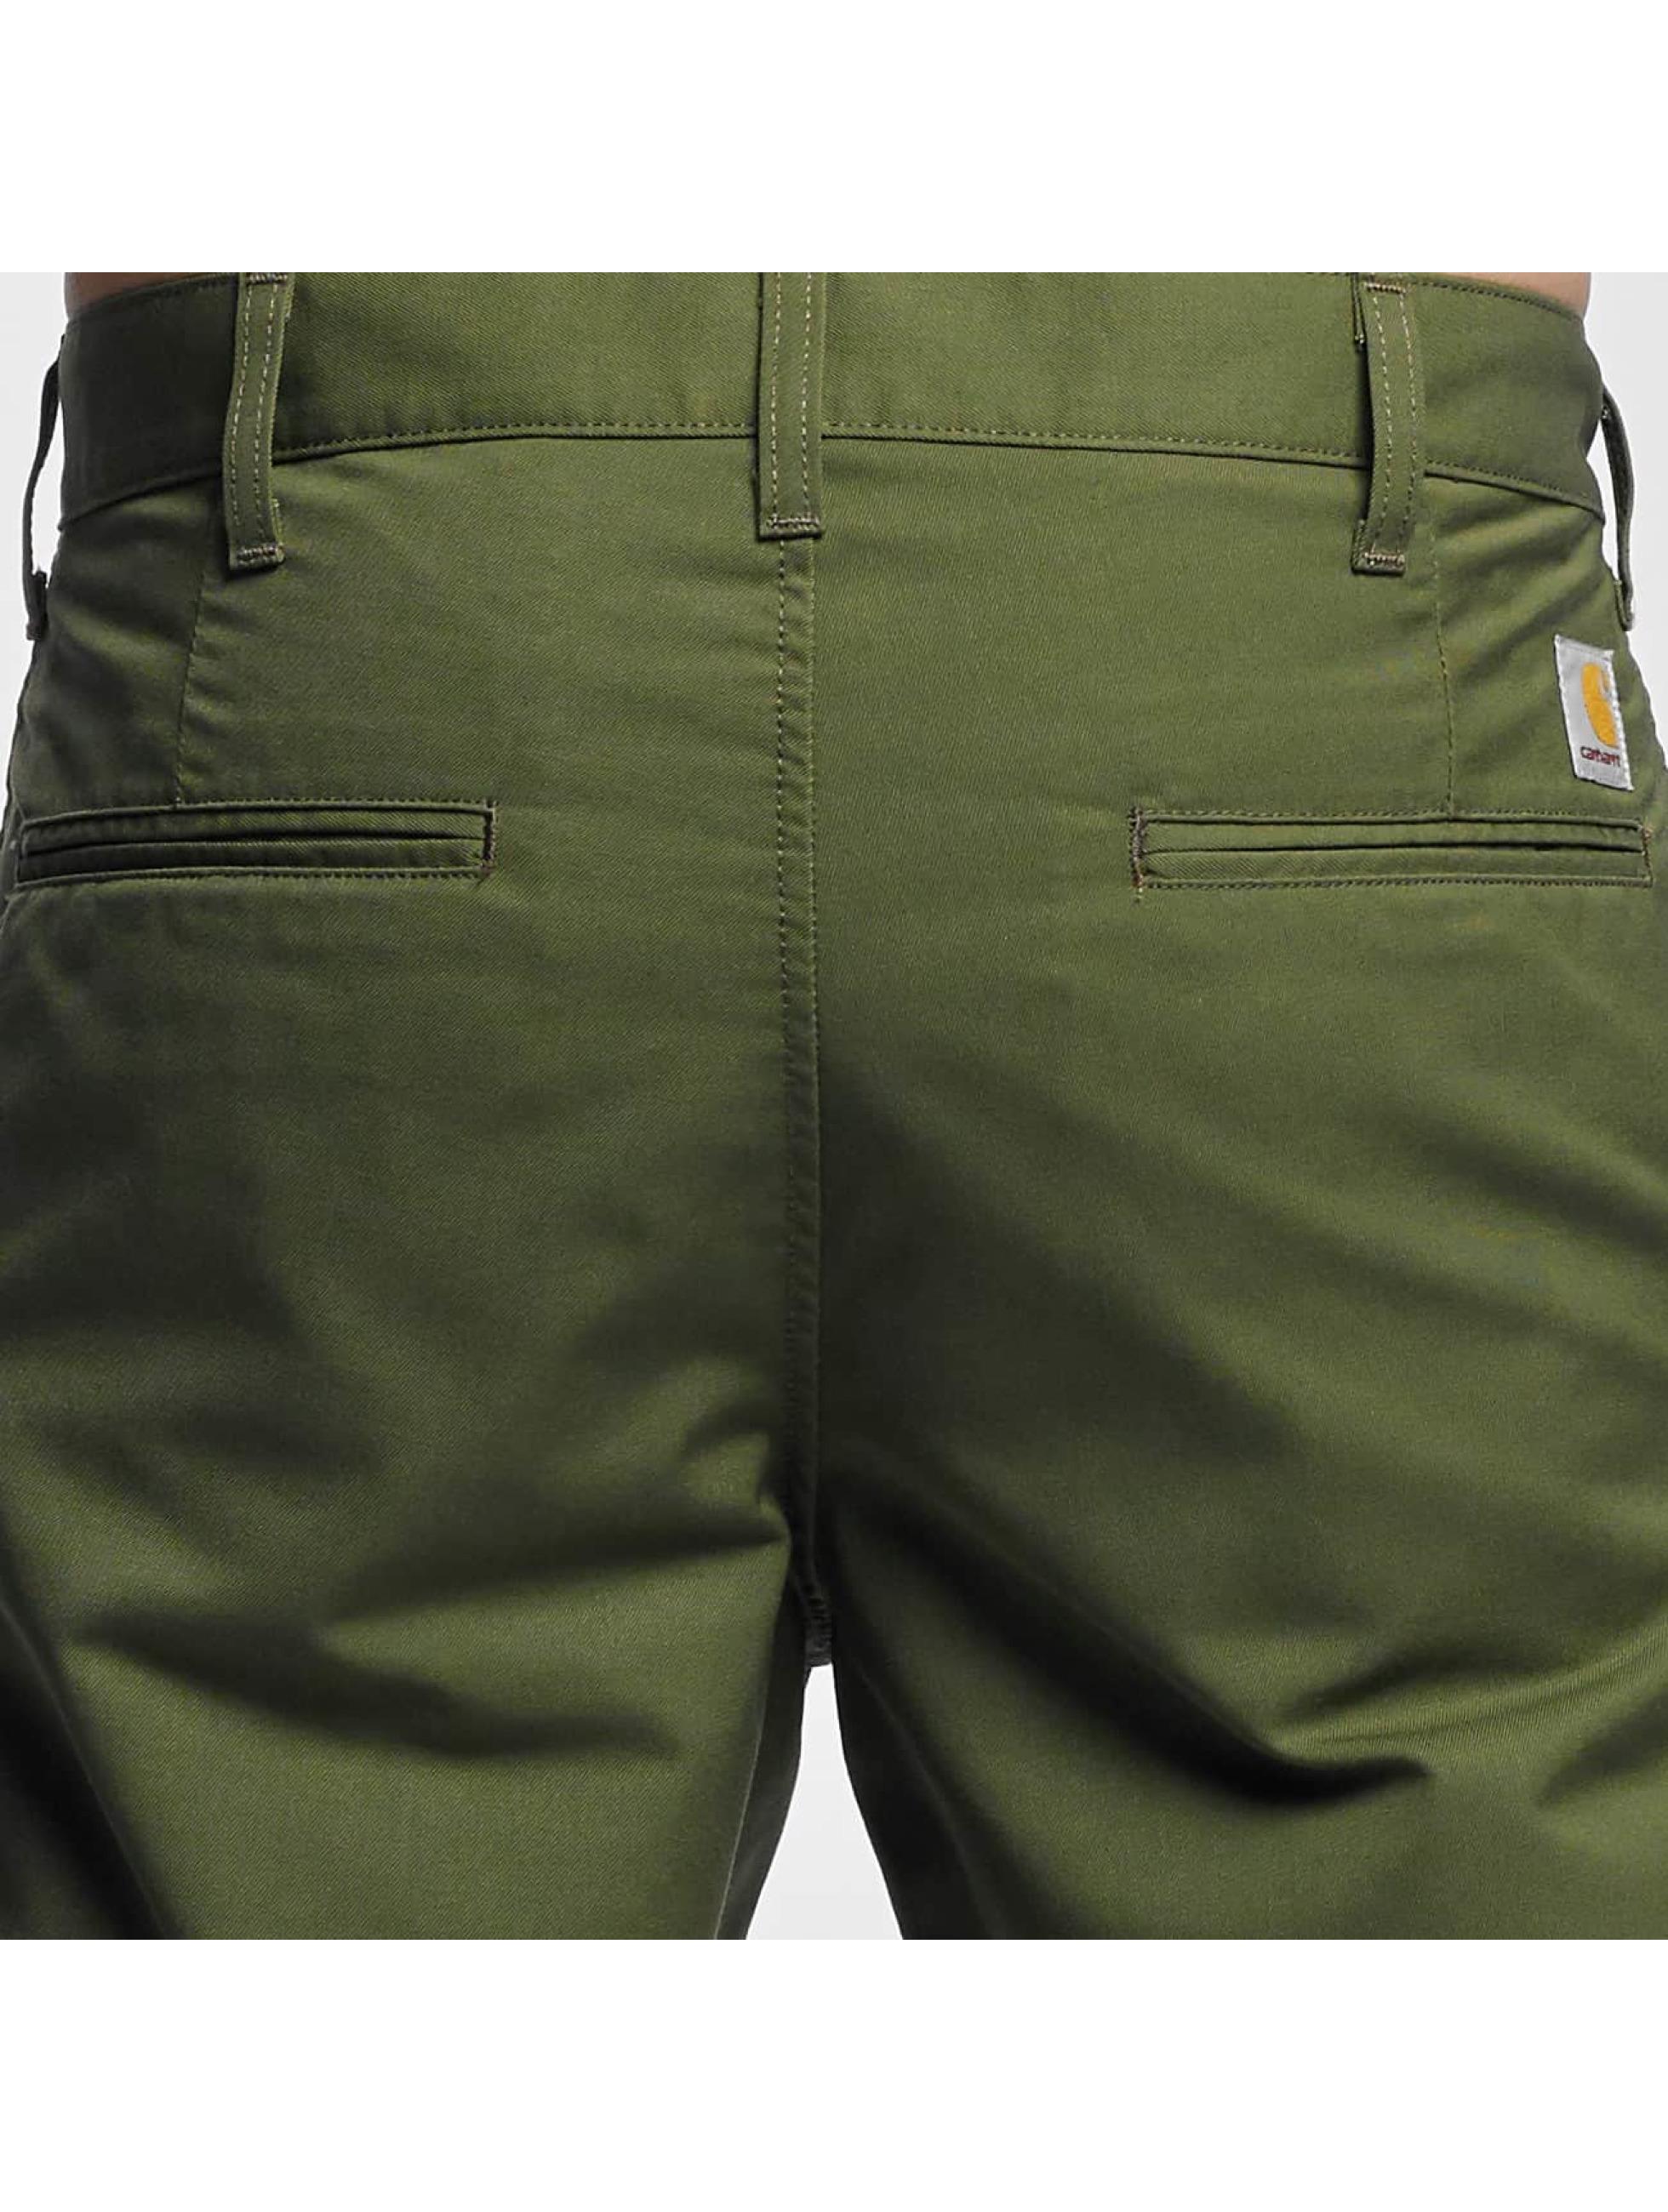 Carhartt WIP Short Presenter green